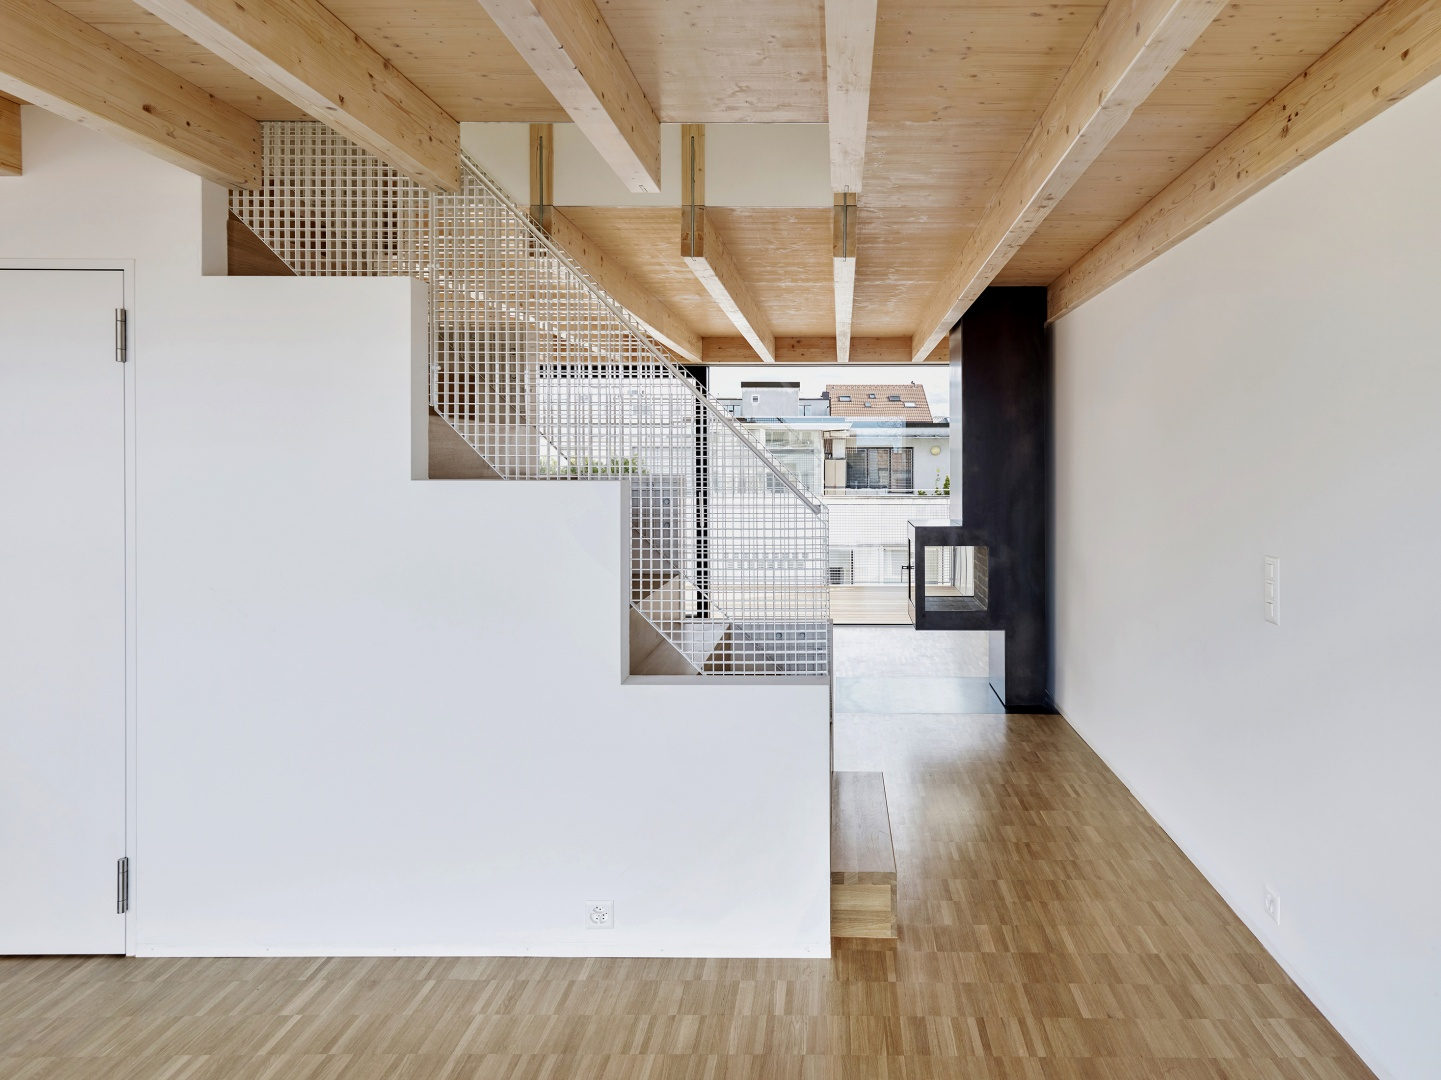 Das frei gespannte Wohngeschoss wird räumlich durch das zentrale Erschliessungselement gegliedert. © Lukas Räber